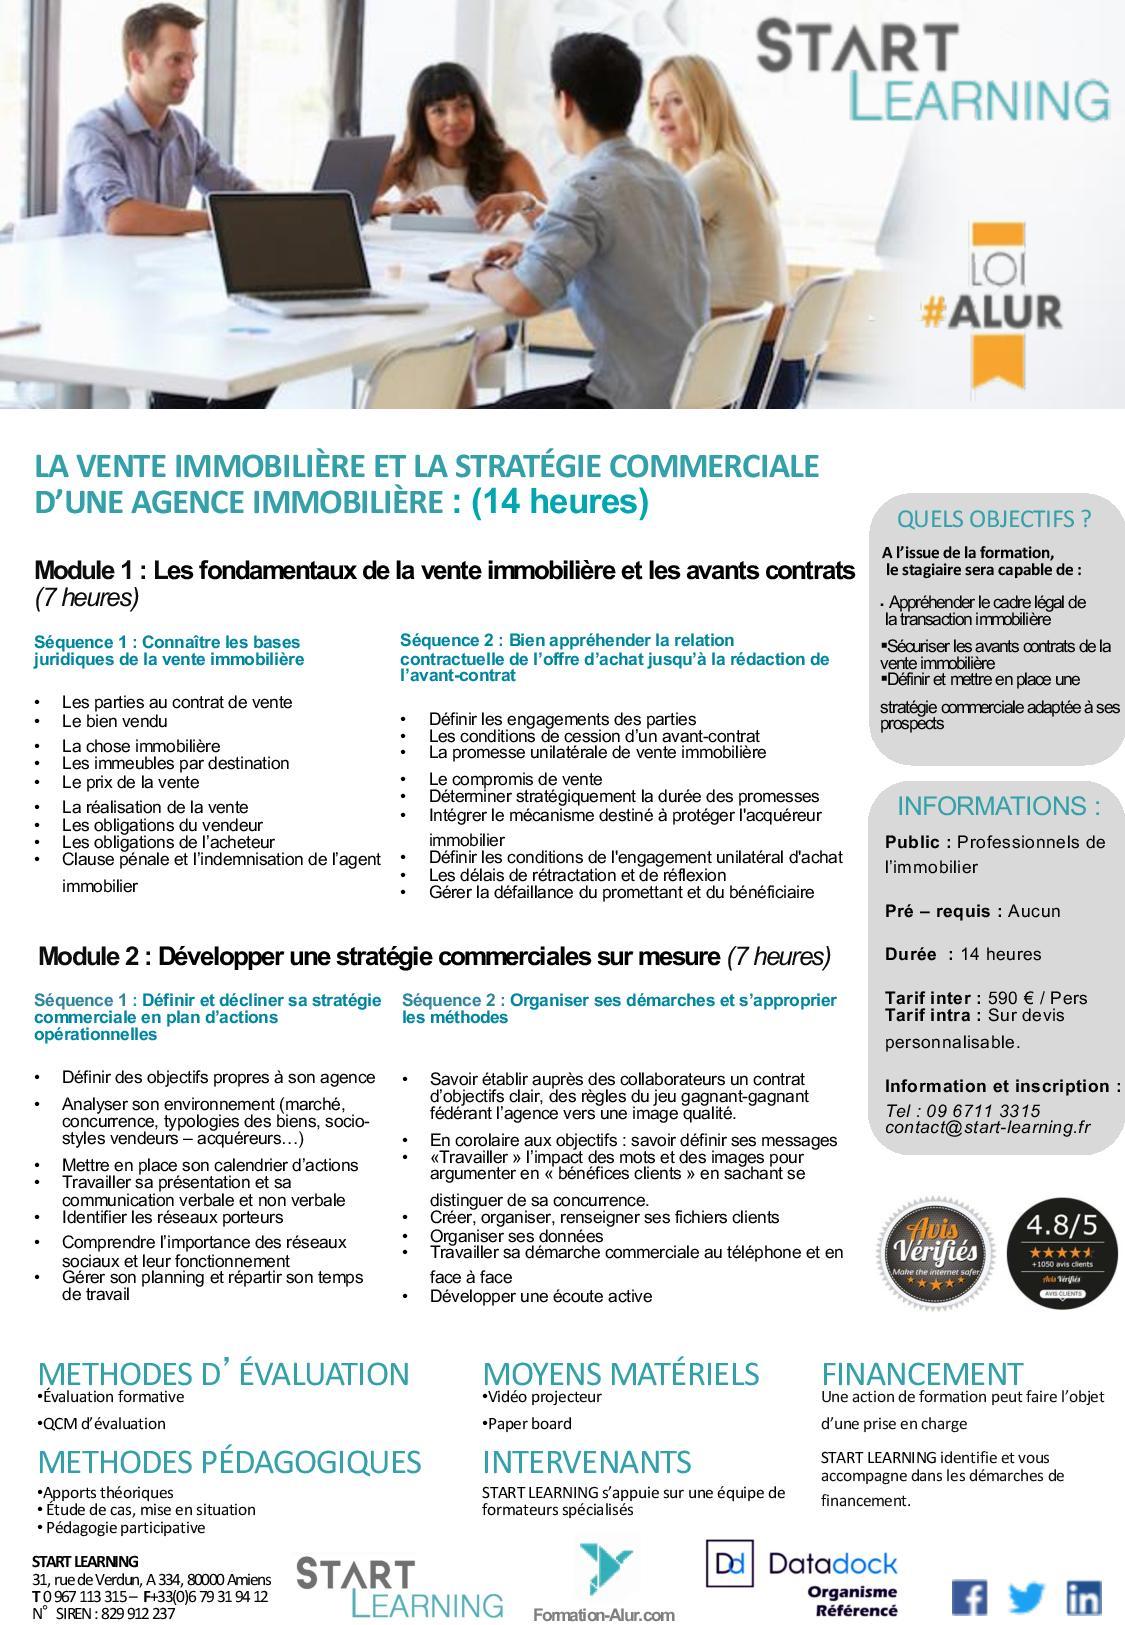 Programme Formation alur agents immobiliers - Vente immobilière et Stratégie commerciale (2J)